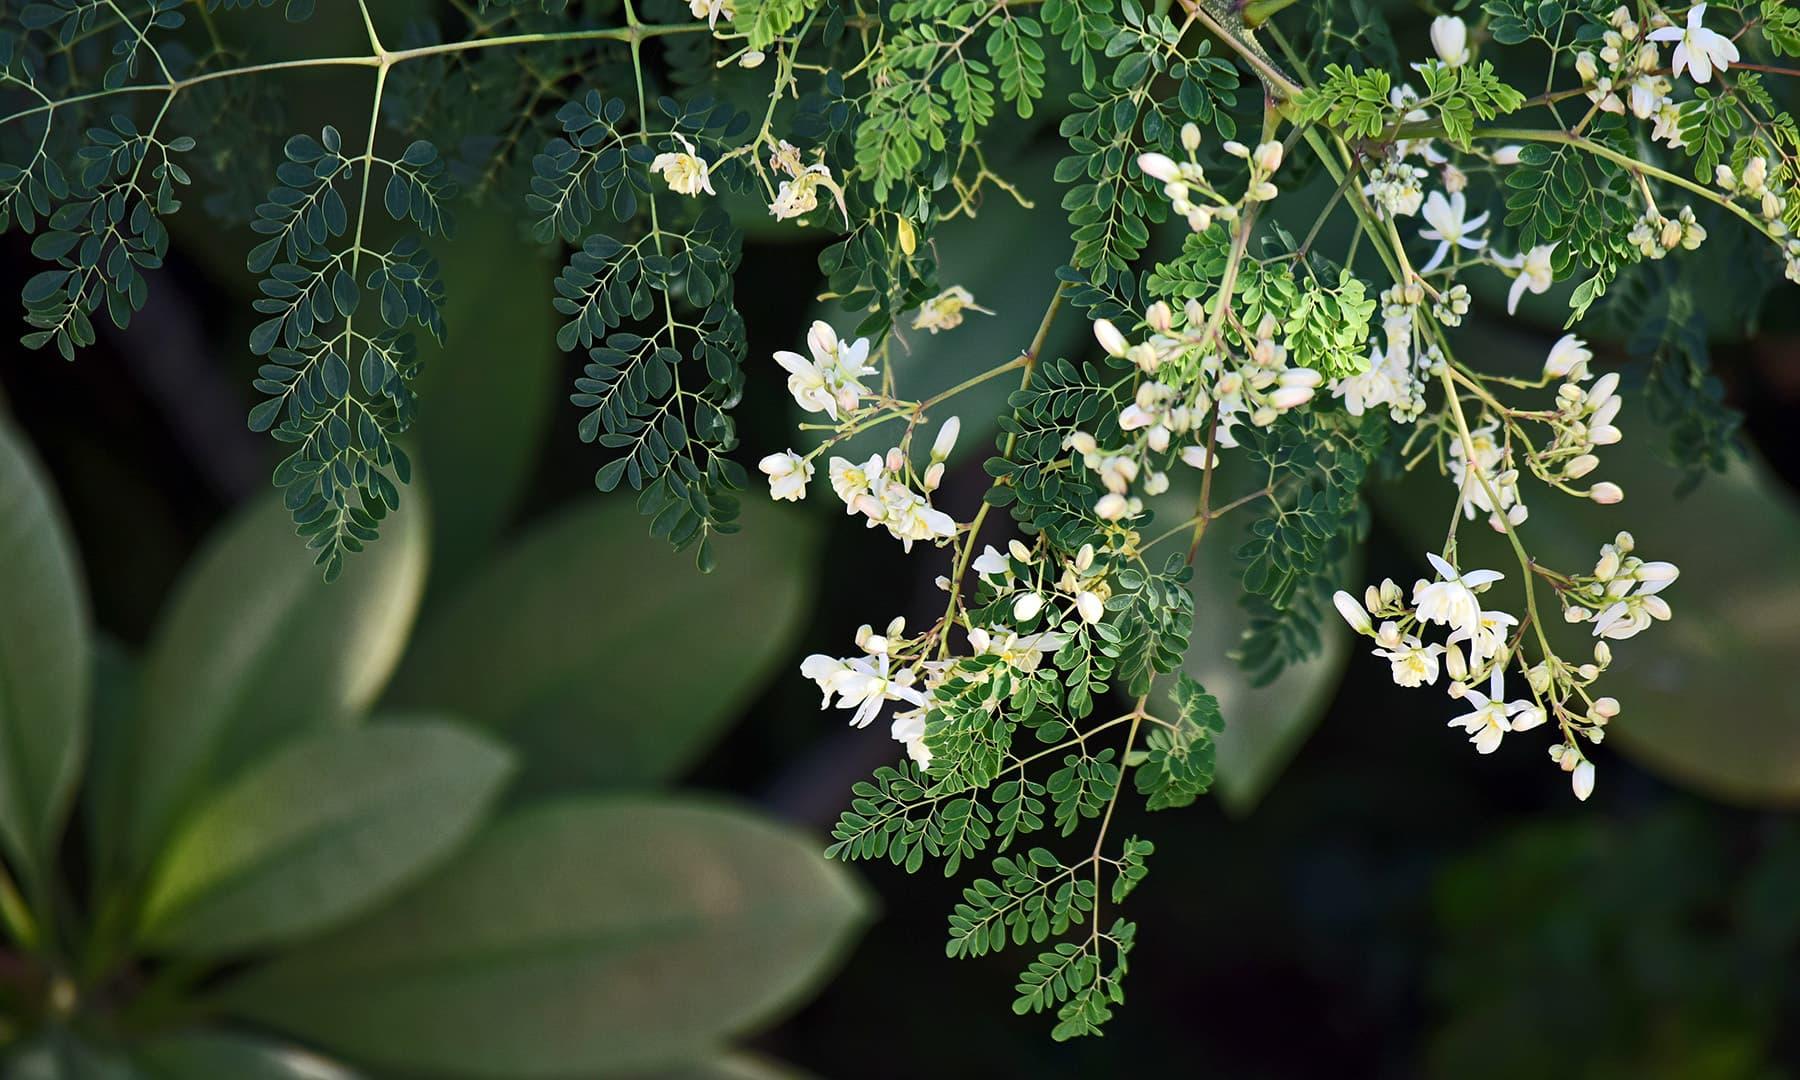 سوہانجنا خوش قسمتی سے ہمارا مقامی درخت ہے